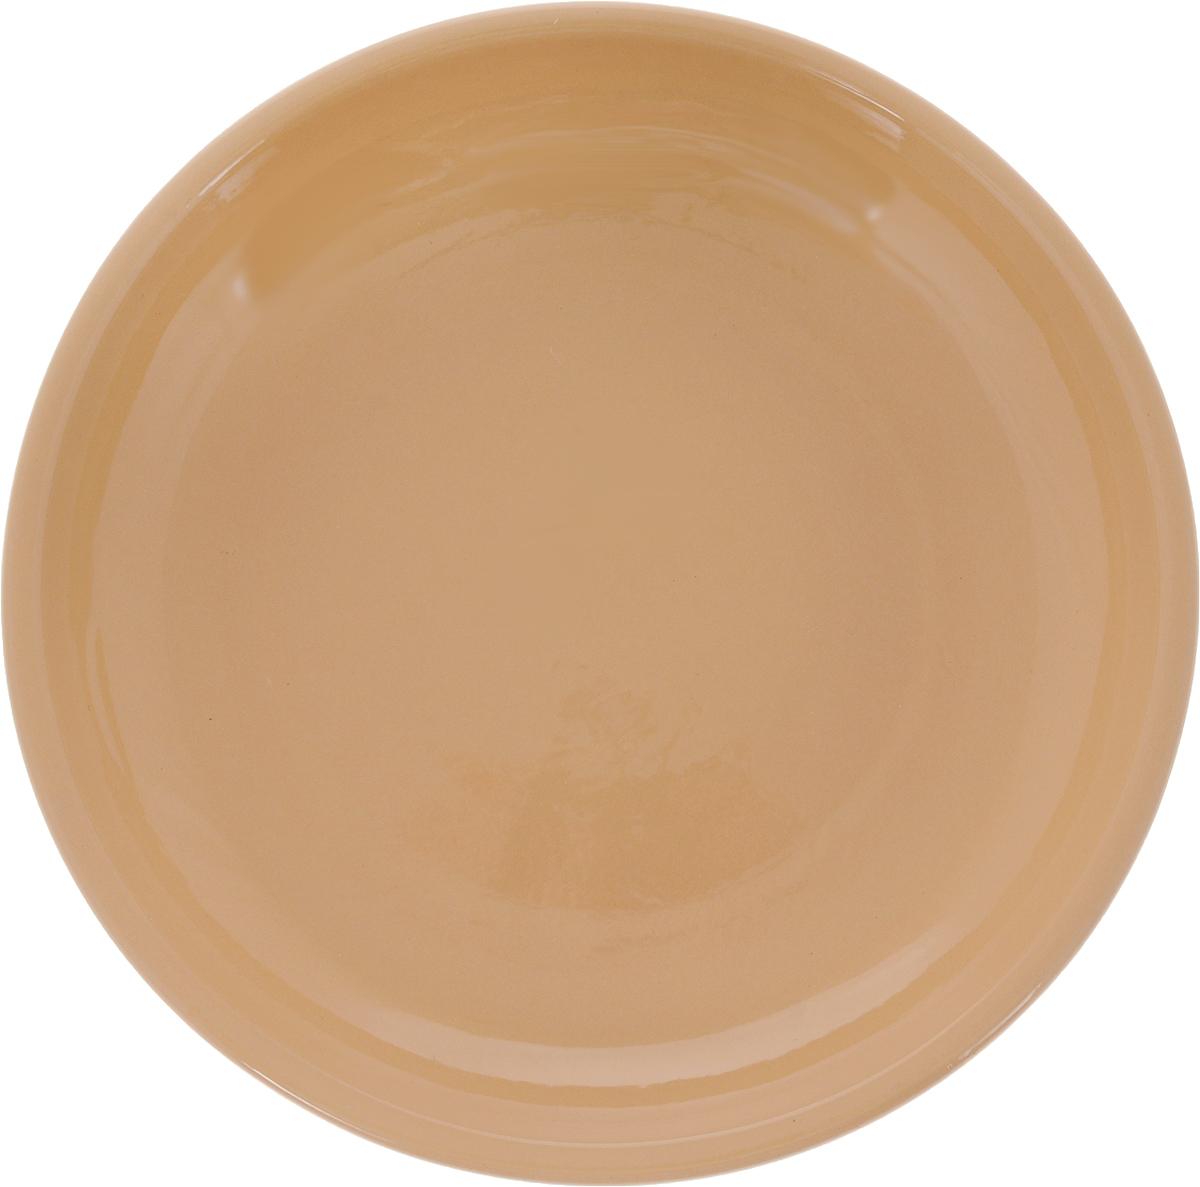 Тарелка Борисовская керамика Радуга, цвет: бежевый, диаметр 18 смРАД00000458_бежевыйТарелка плоская Радуга выполнена из высококачественной керамики. Внутренняя часть тарелки оформлена ярким рисунком с изображением цветка. Тарелка Борисовская керамика Радуга идеально подойдет для сервировки стола и станет отличным подарком к любому празднику. Изделие может использоваться как подставка под любую другую посуду. Можно использовать в духовке и микроволновой печи. Диаметр (по верхнему краю): 18 см.